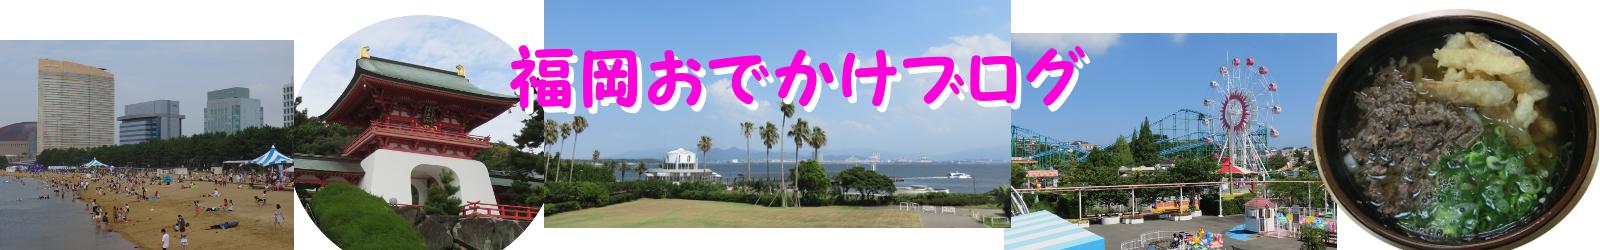 福岡おでかけブログ | 子連れで楽しめるおすすめスポットなどを紹介しています